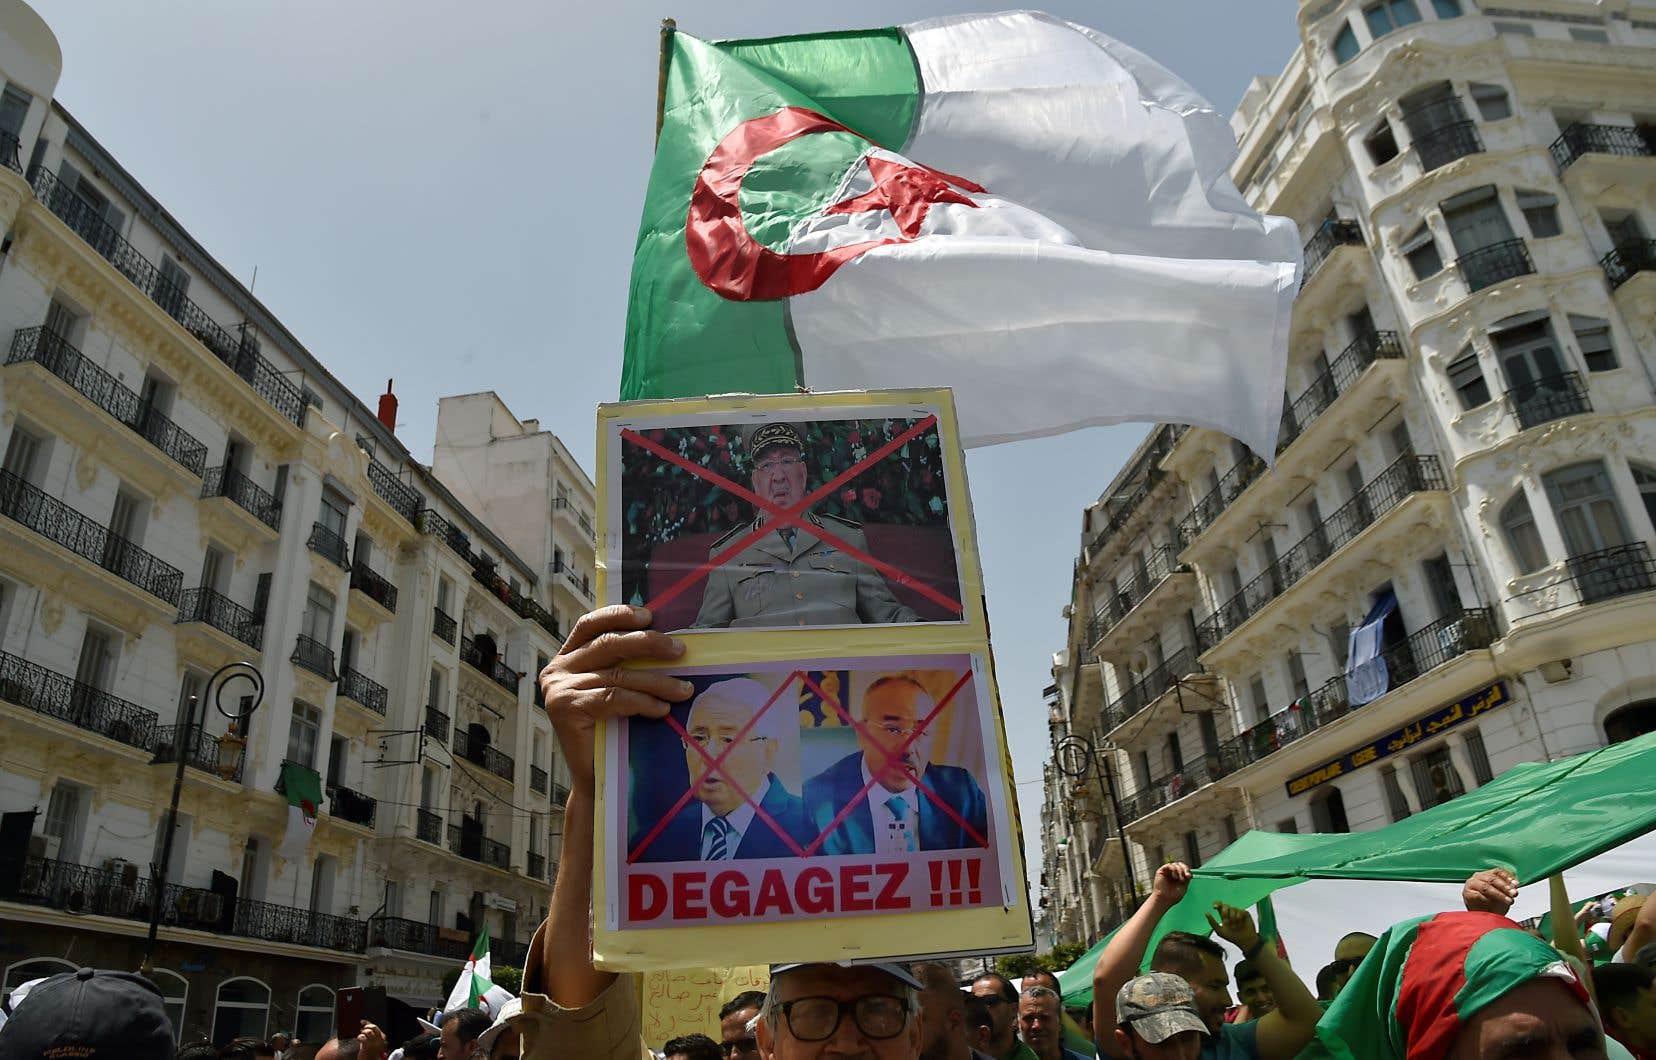 En fin de matinée, la police quadrillait totalement le centre d'Alger où plusieurs centaines de personnes sont déjà rassemblées, en chantant «Y en a marre de ce pouvoir».